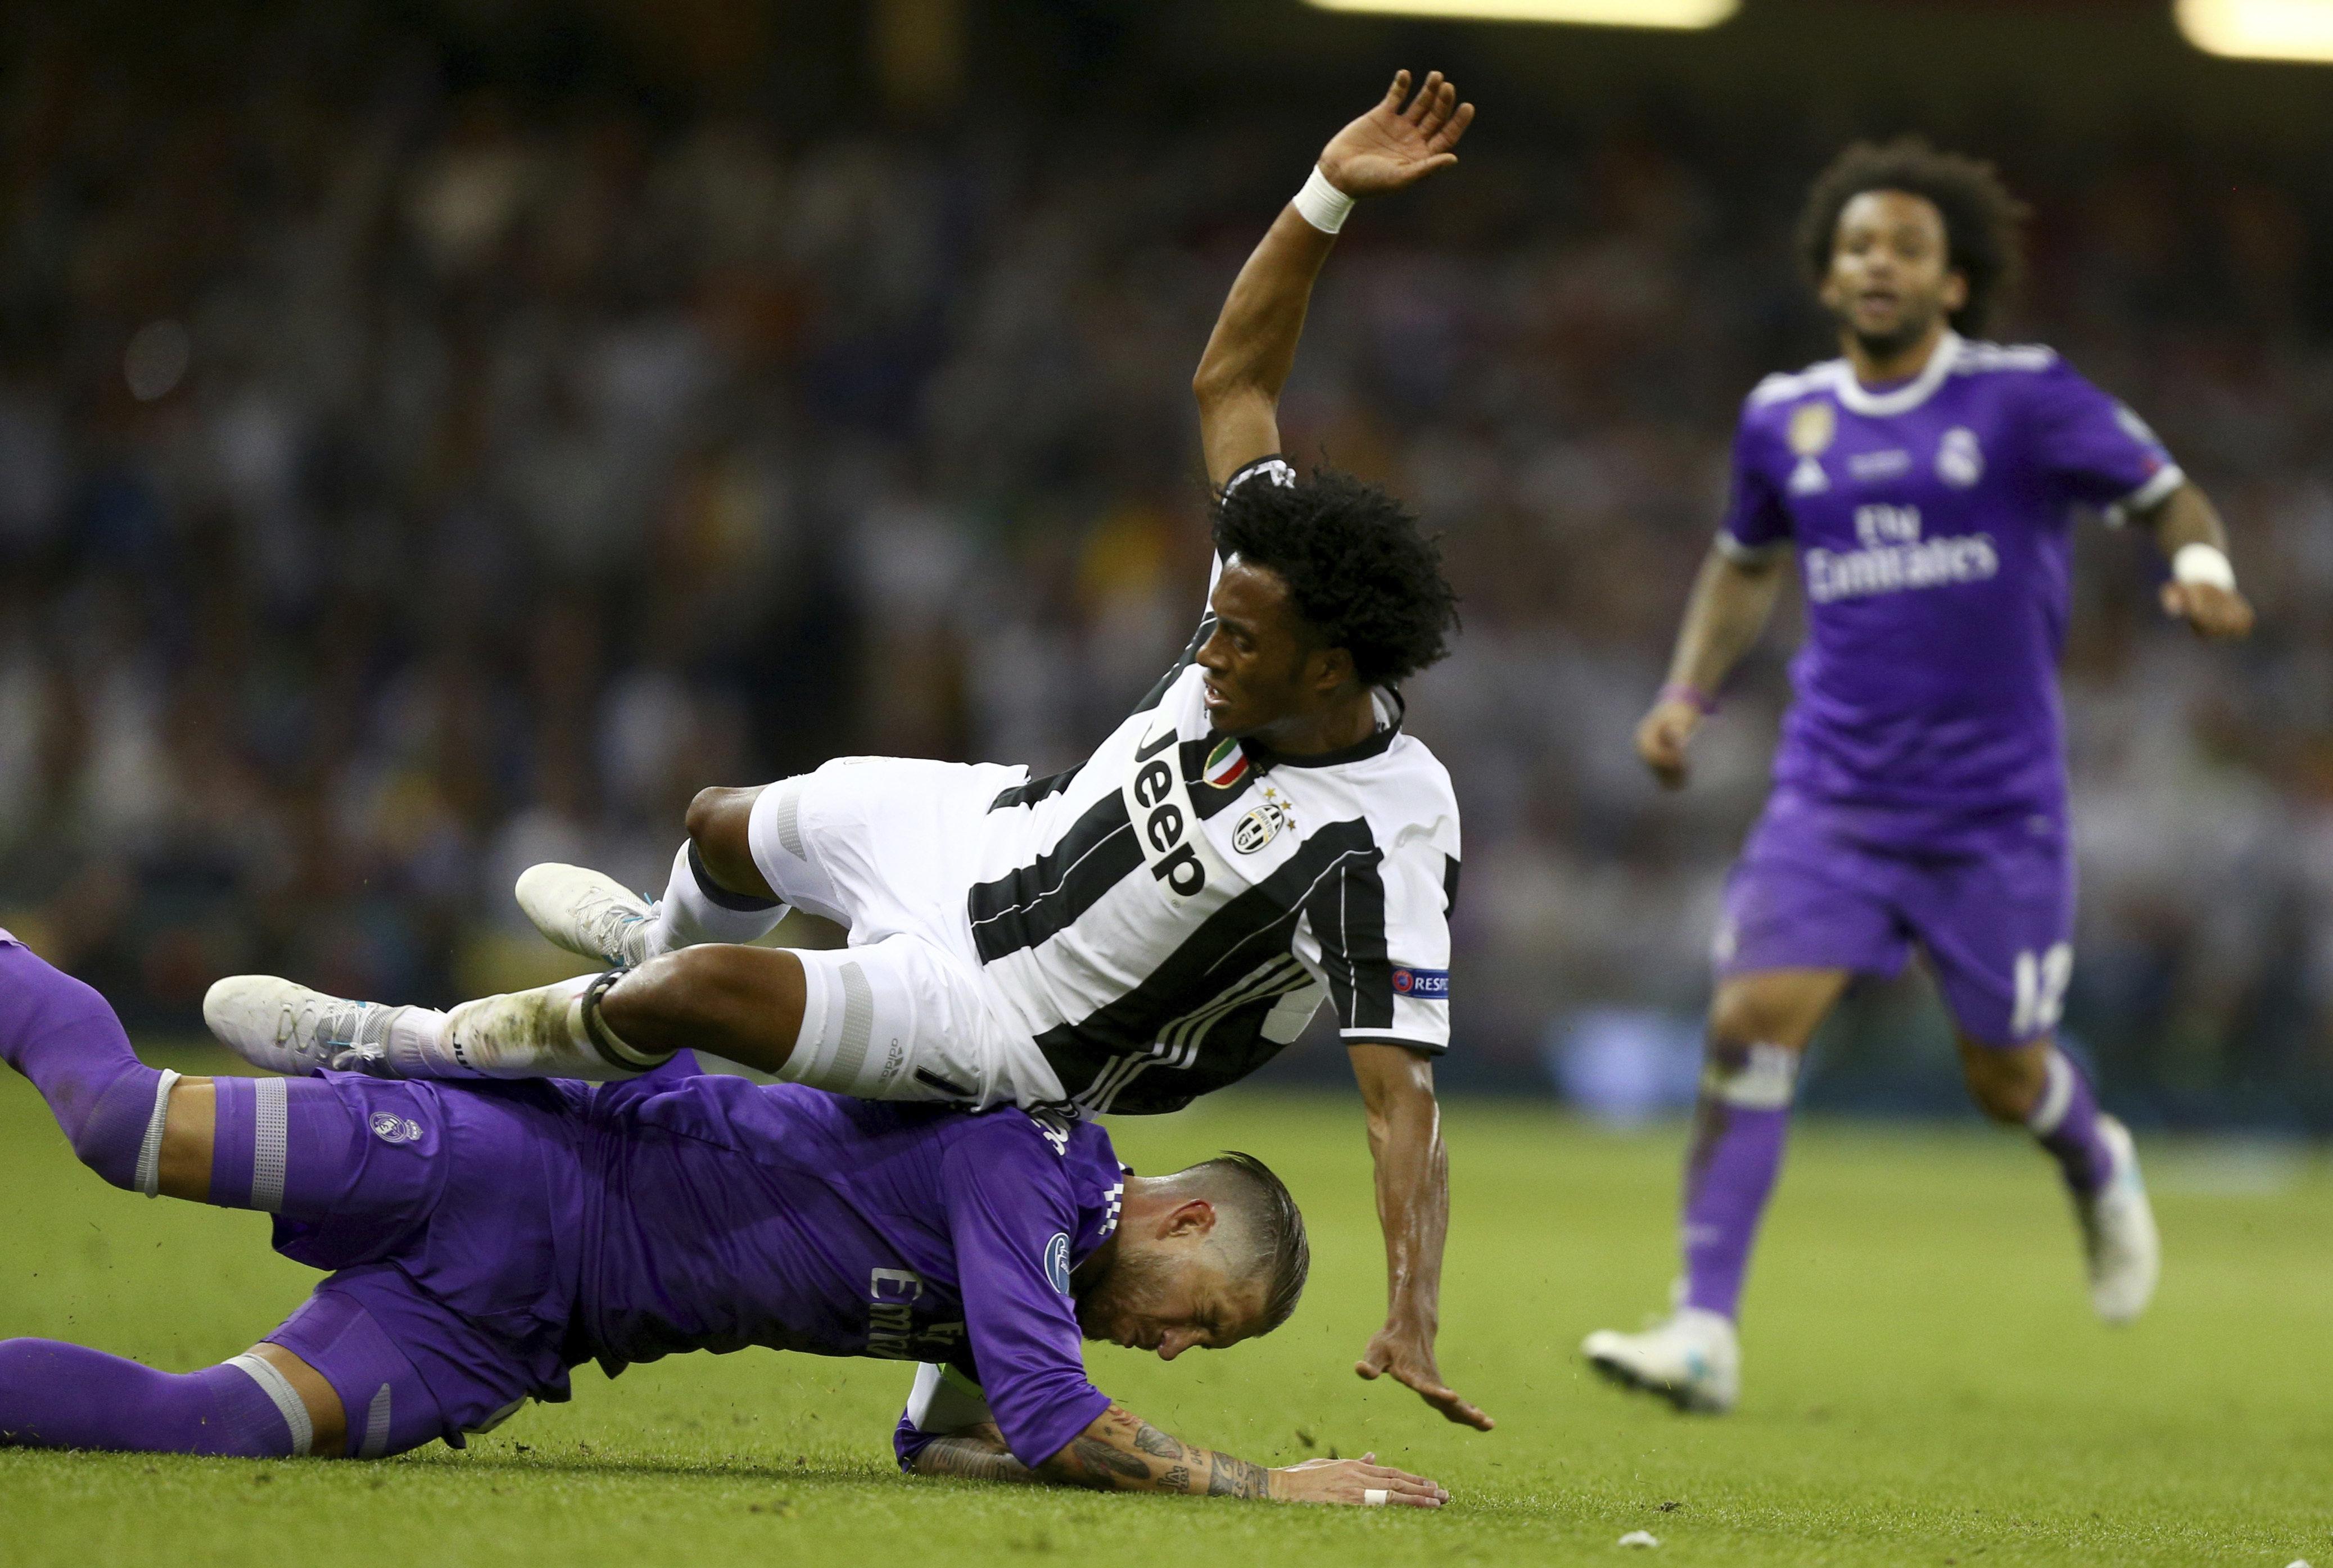 Инцидент с участием Серхио Рамоса и Хуаном Куадрадо на матче ЧМ в Кардиффе